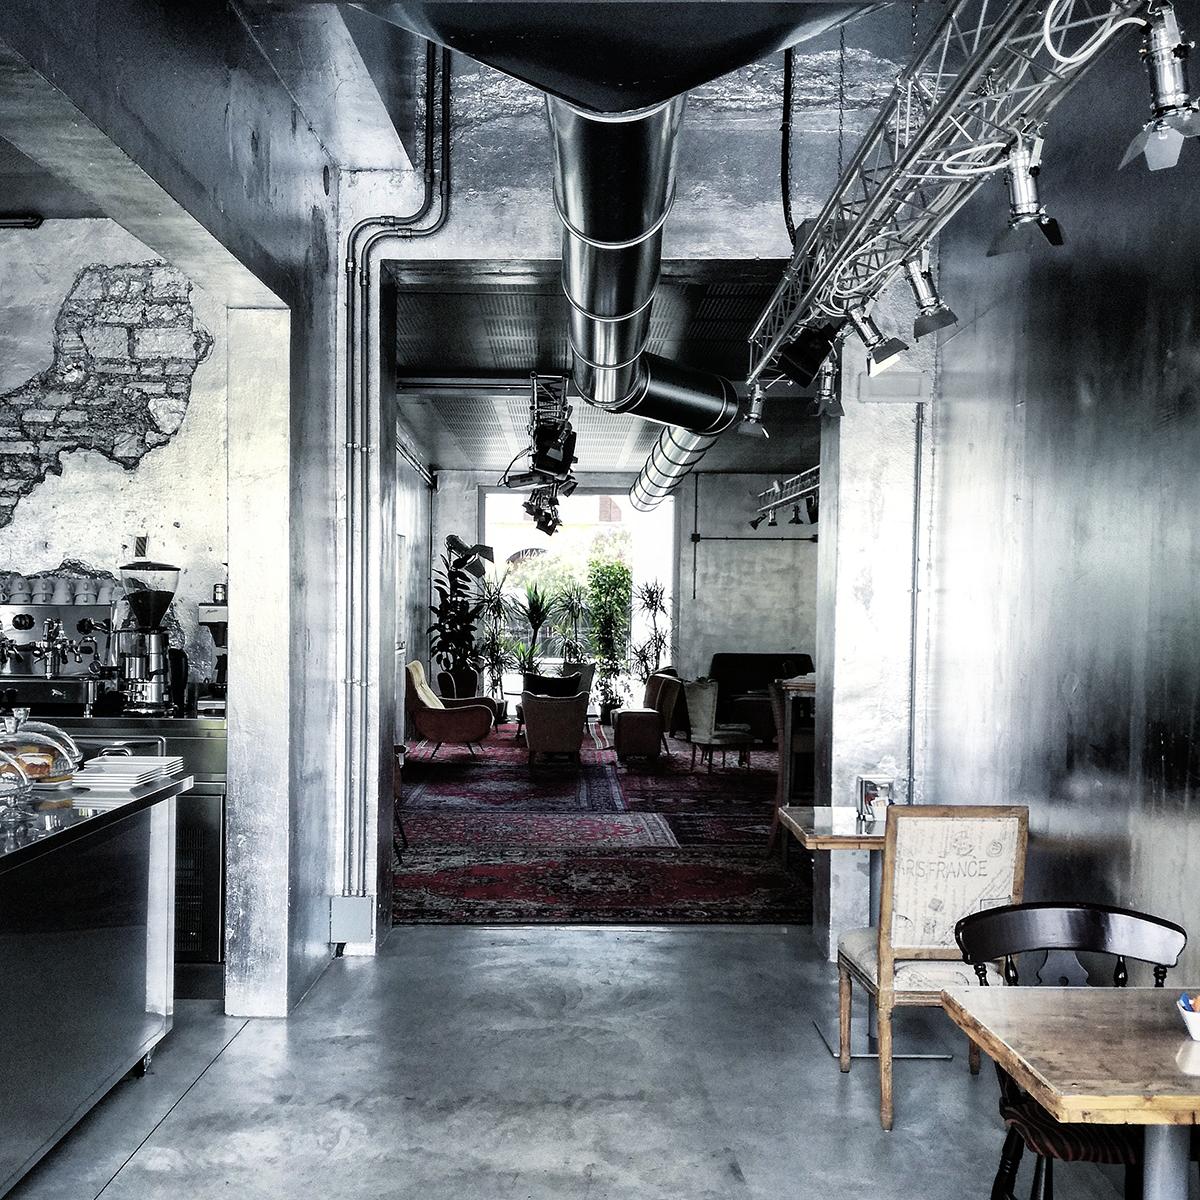 Stile E Interior Design Italiani A Londra: Interior Design E Stile Industriale. Lo Stile Glamorous